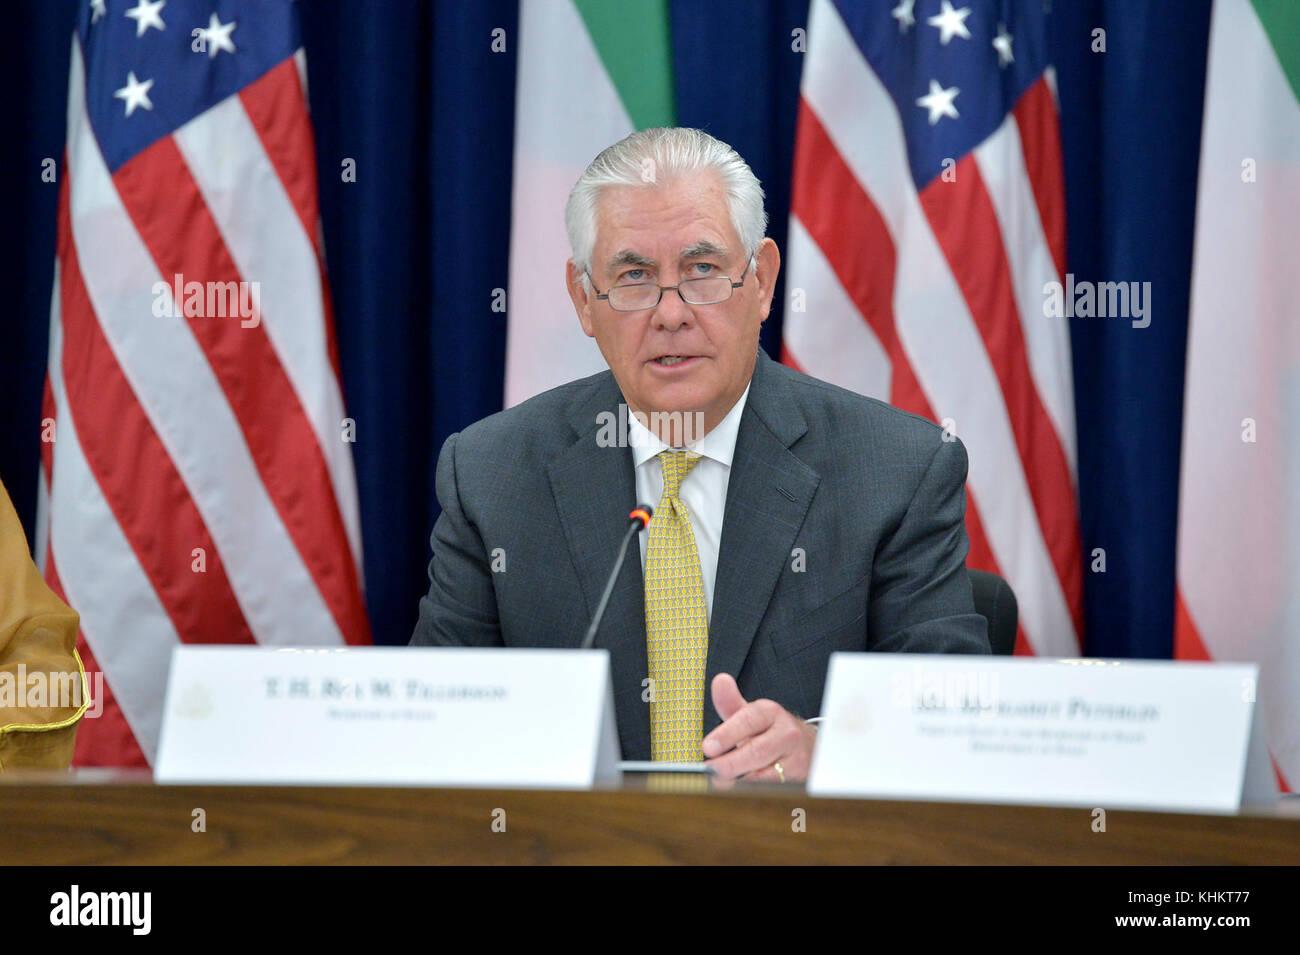 U.S. Secretary of State Rex Tillerson, flanked by Kuwaiti Foreign Minister Sheikh Sabah Al-Khaled Al-Hamad Al-Sabah - Stock Image